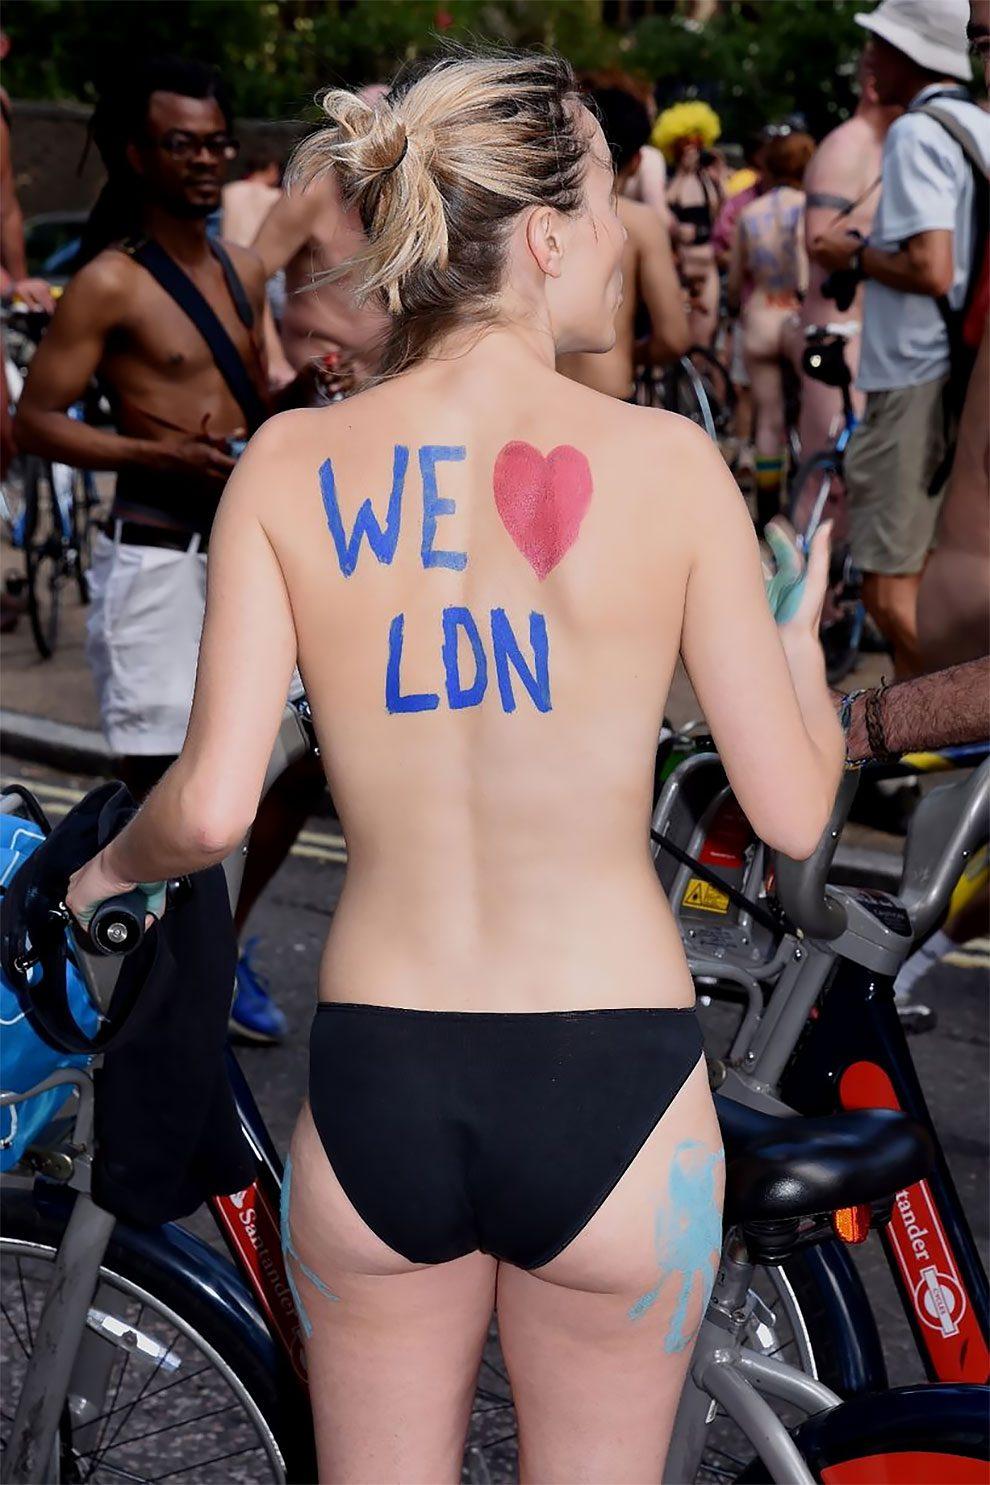 Zdjecie pleców uczestniczki World Naked Bike Ride. Kobieta stoi do fotografa tyłem, jest w samych majtkah i na jej plecach jest namalowany farbą napis i love london